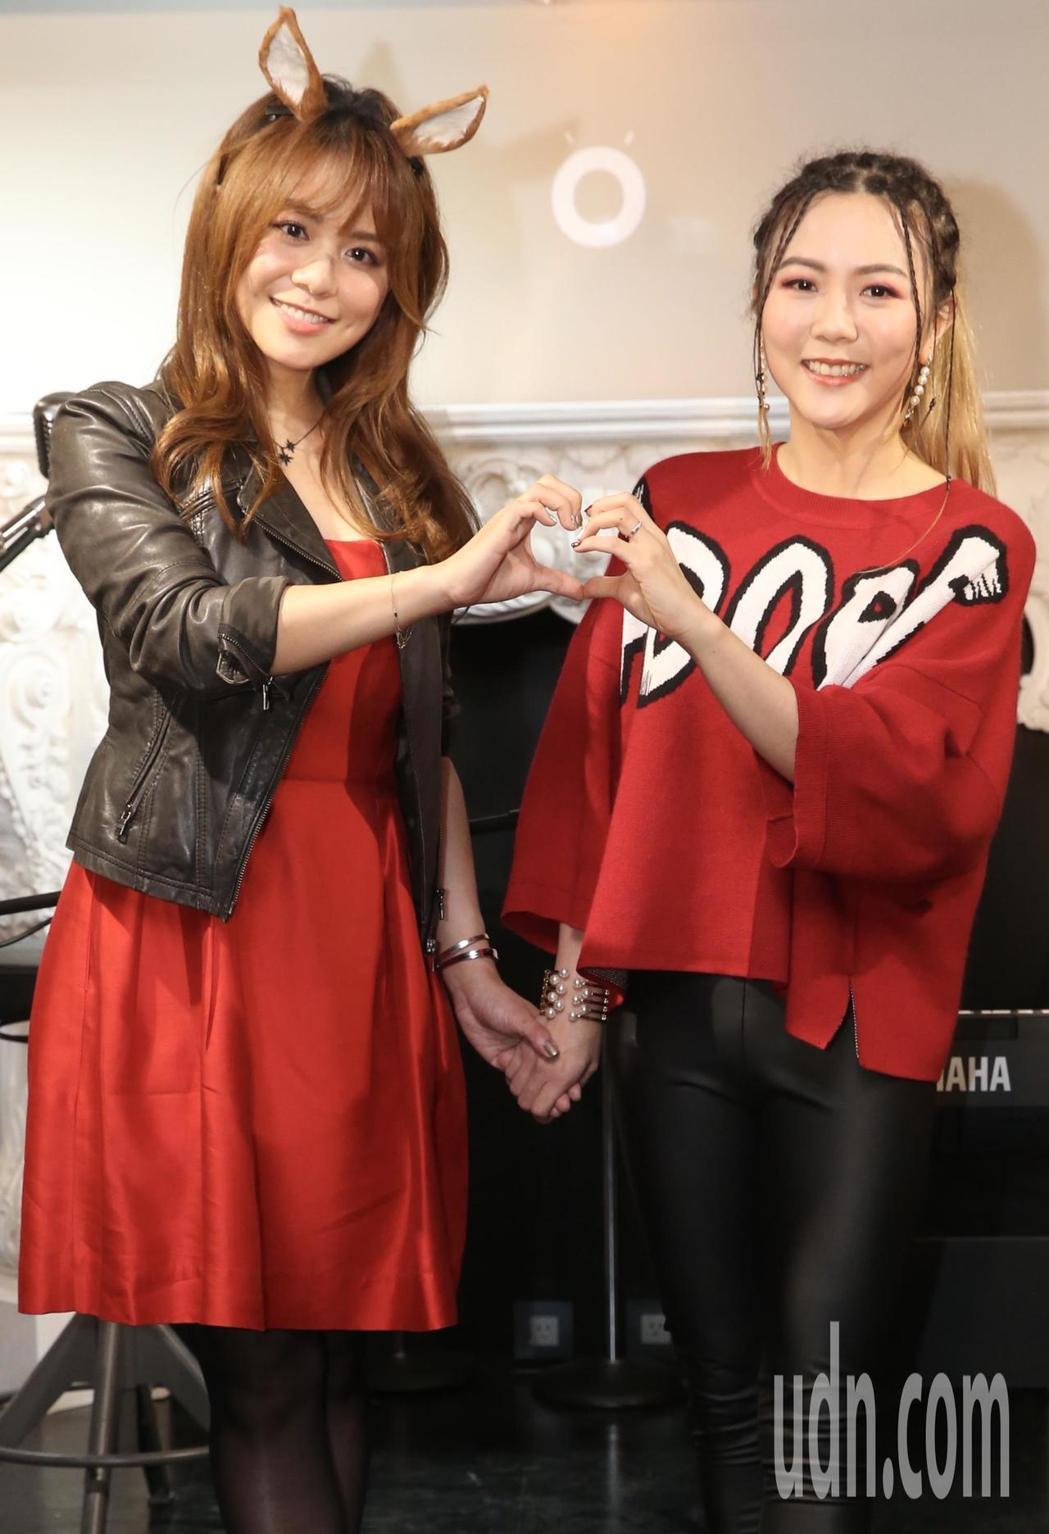 蔡佳靈(右)、紀儀羚擔任聖誕公益大使。記者林俊良/攝影